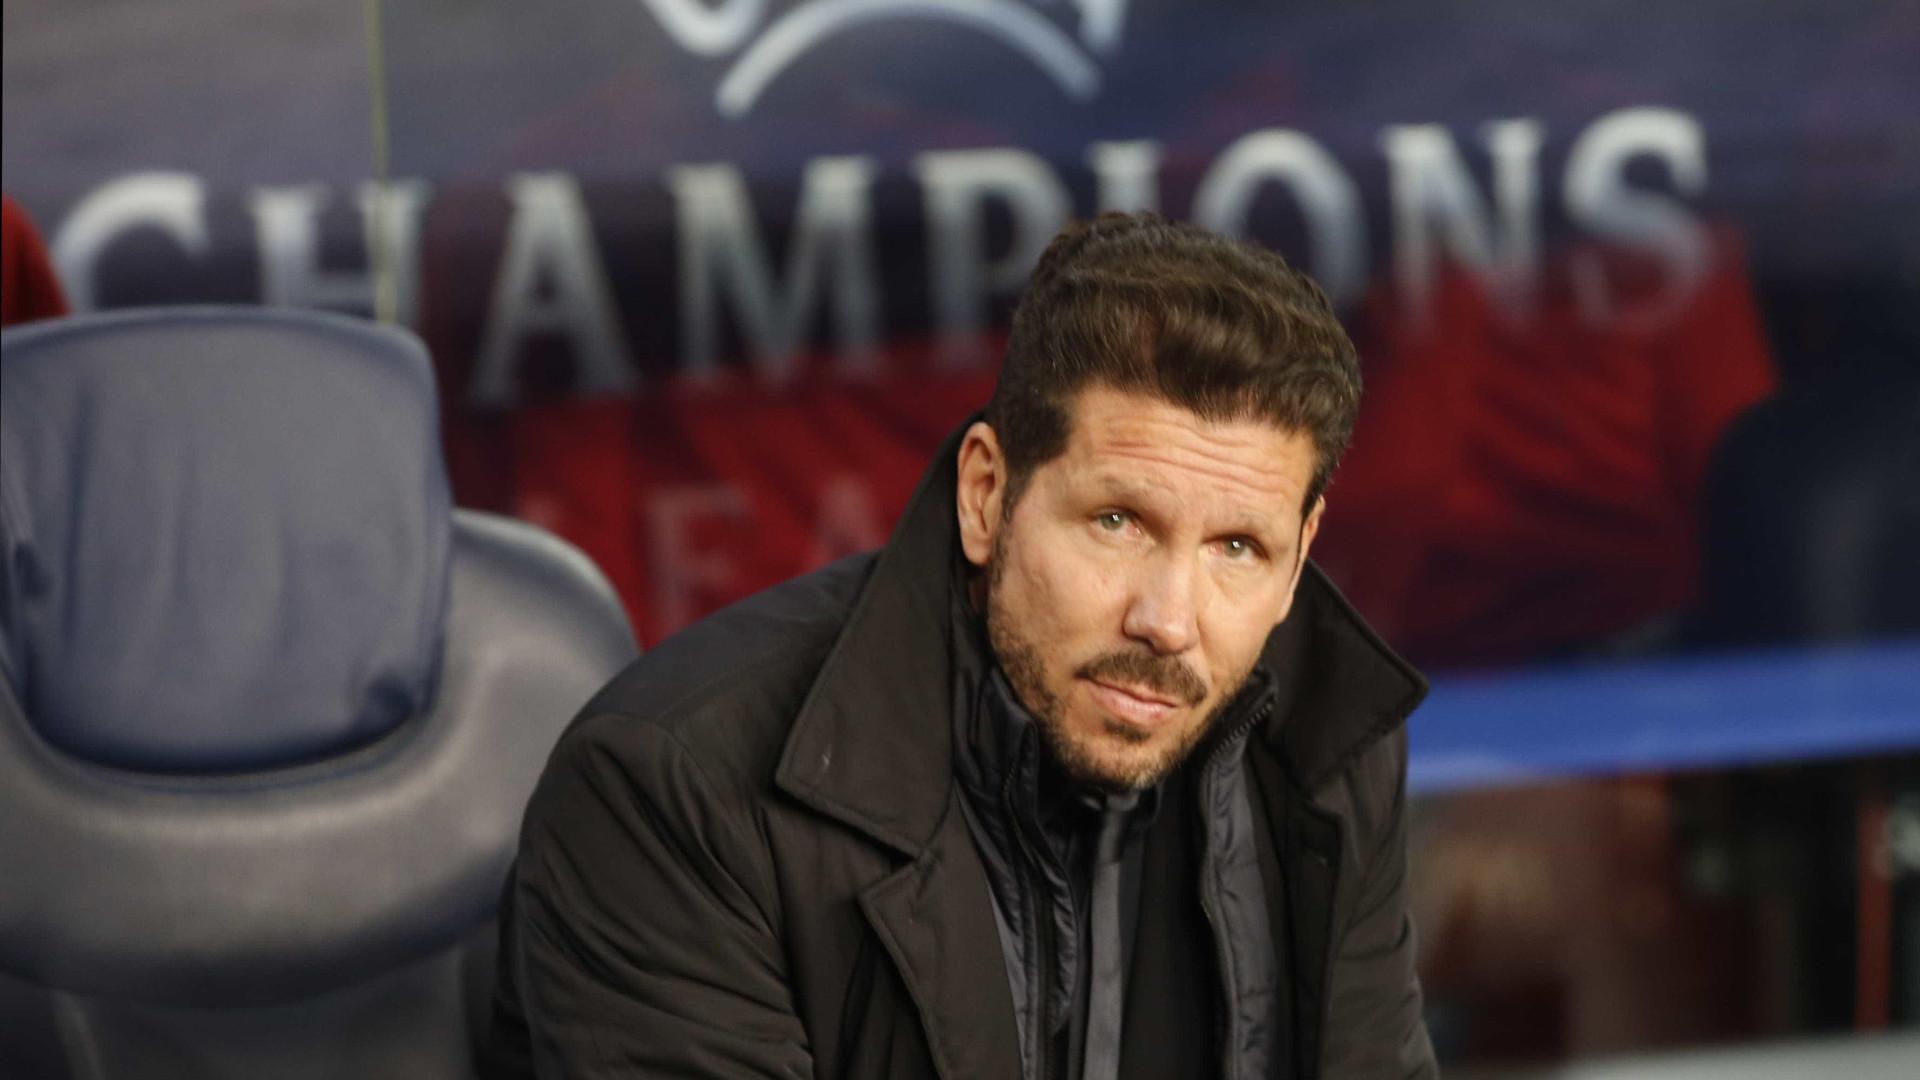 Tensão no balneário do Atlético Madrid devido às... lesões